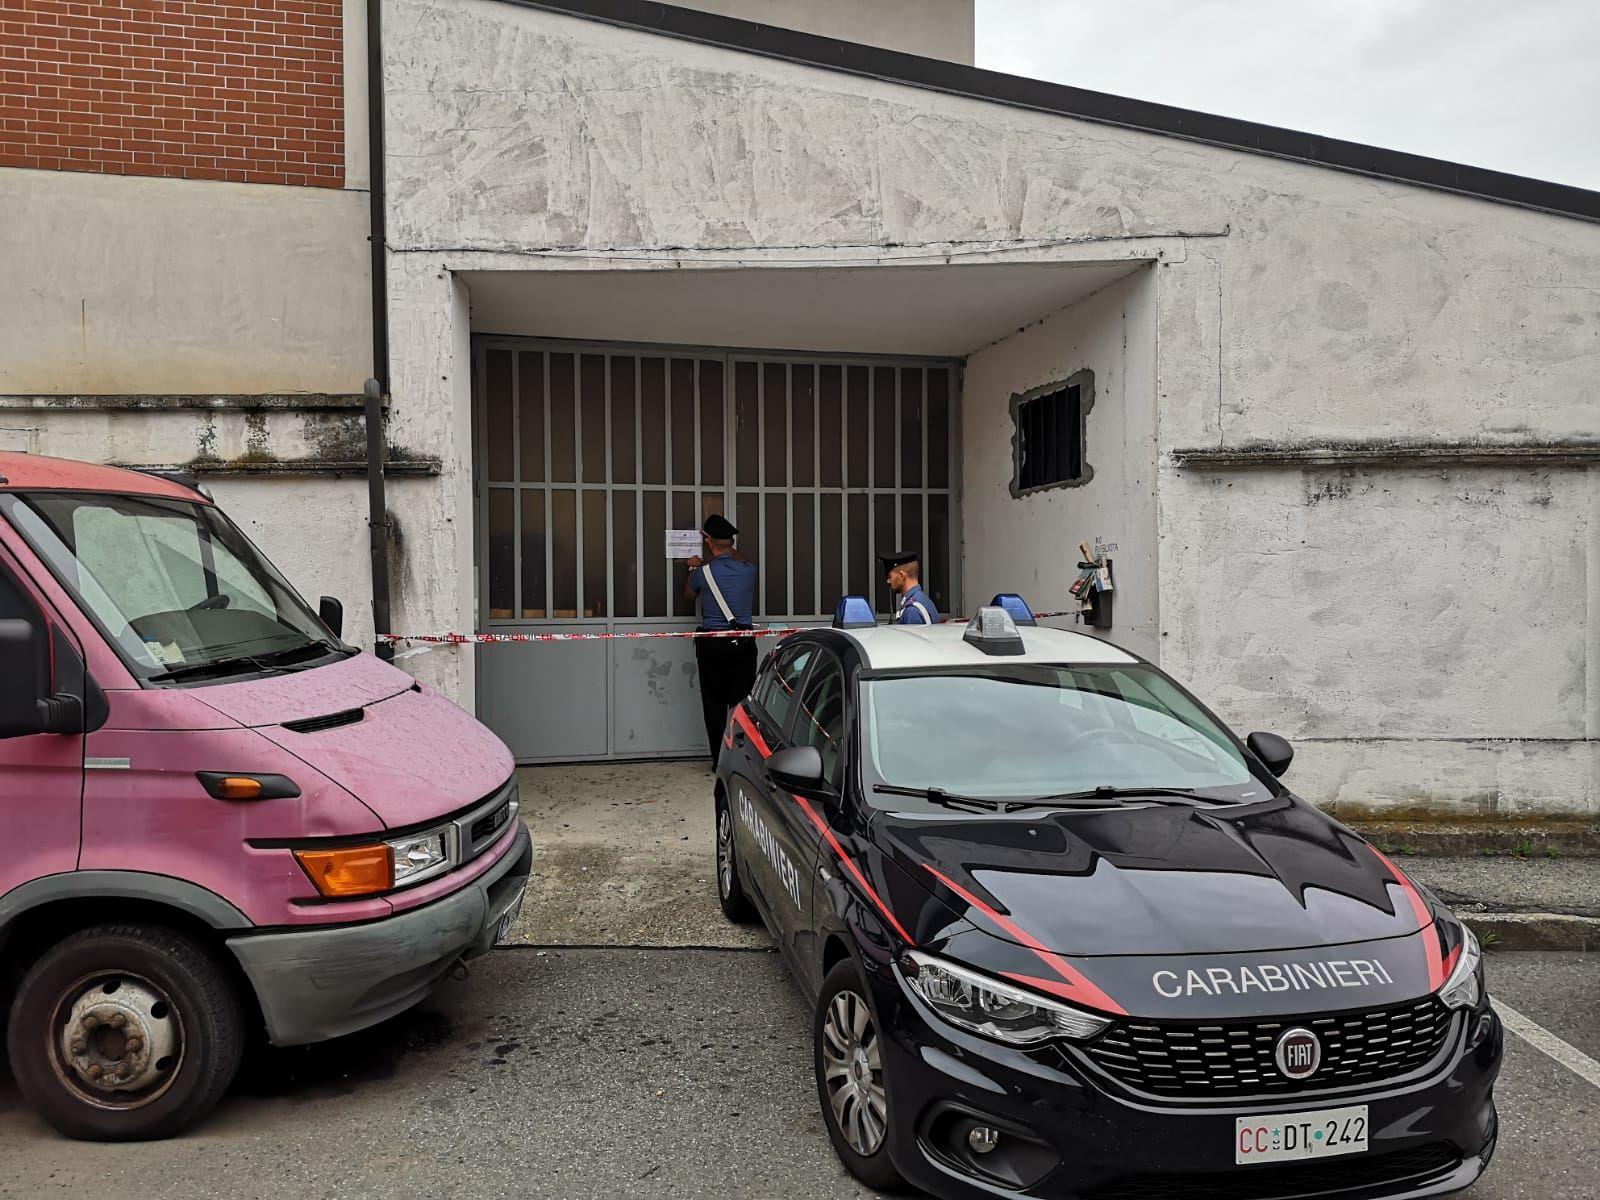 CIRIE' - Laboratorio clandestino realizzava vestiti sfruttando i dipendenti: titolare cinese arrestato dai carabinieri - FOTO E VIDEO